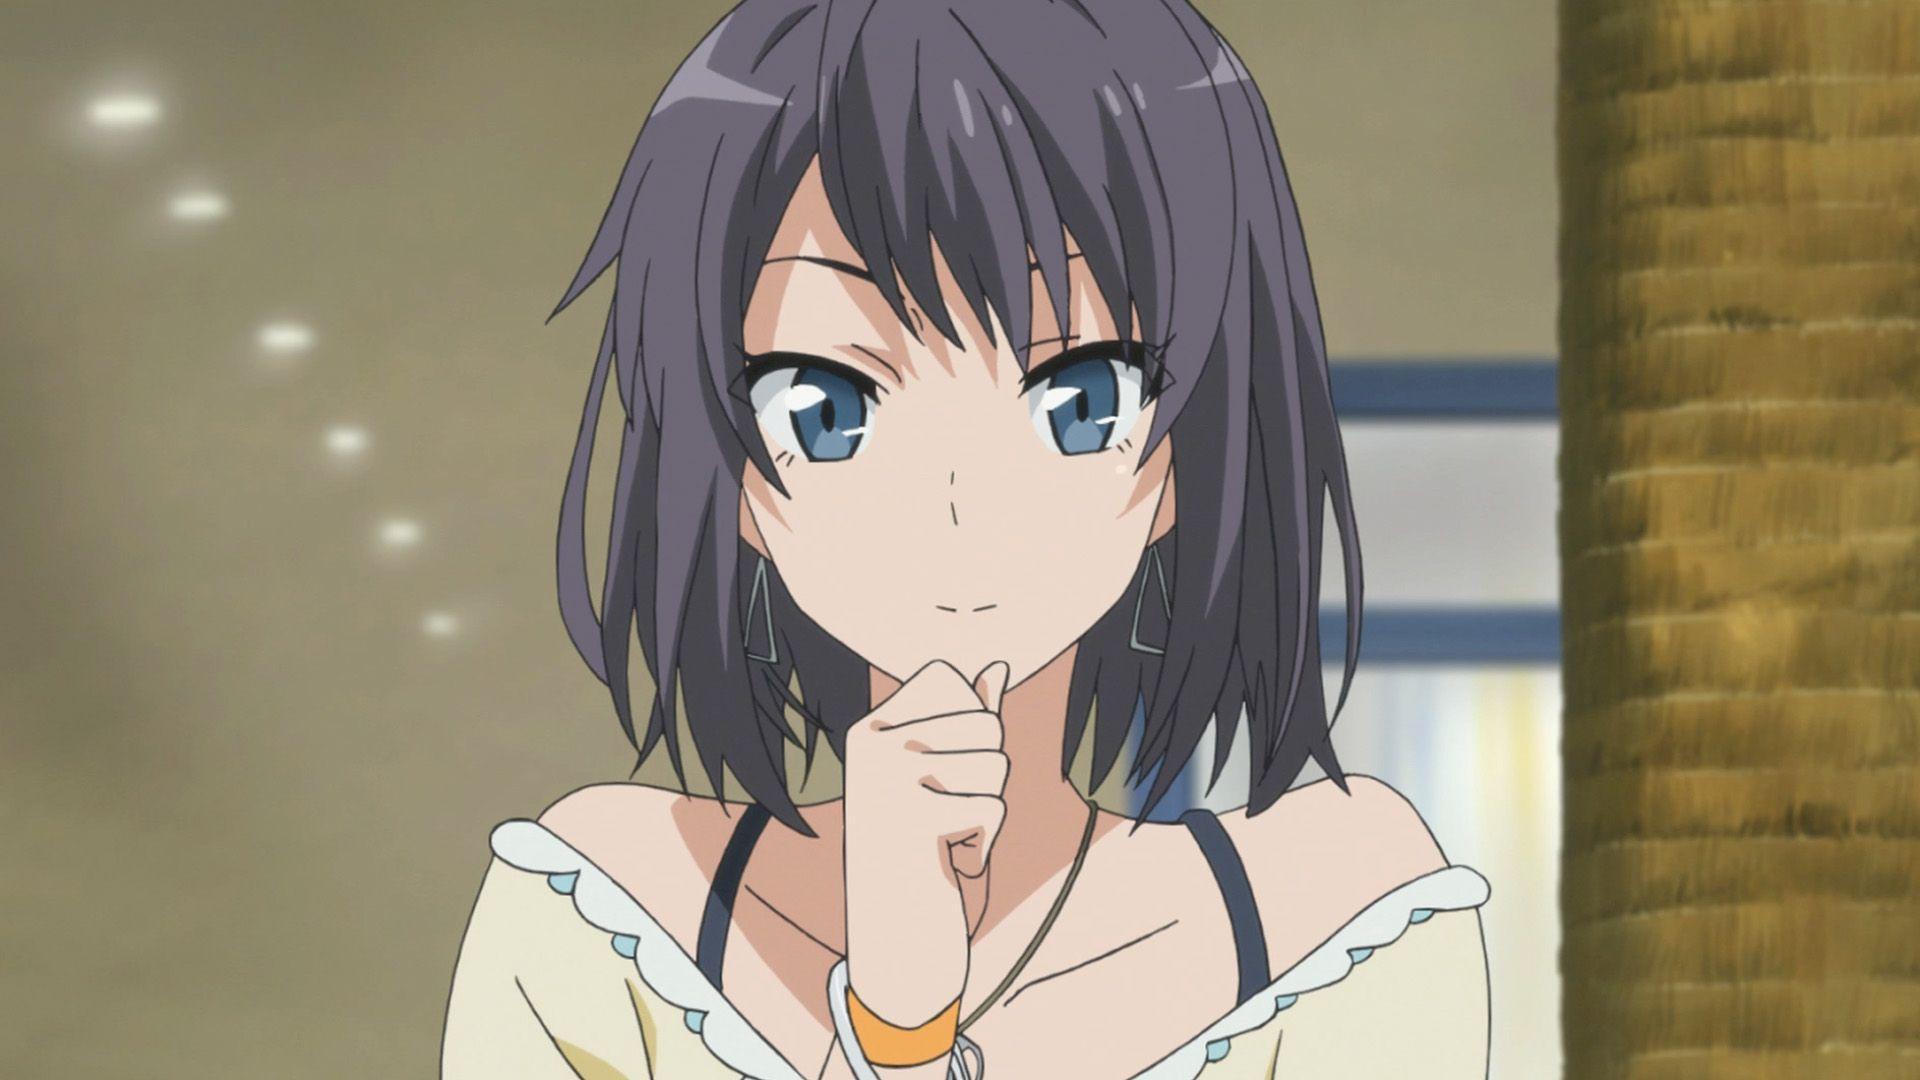 ボード「Yahari Ore No Seishun Love Comedy Wa Machagtteiru」のピン